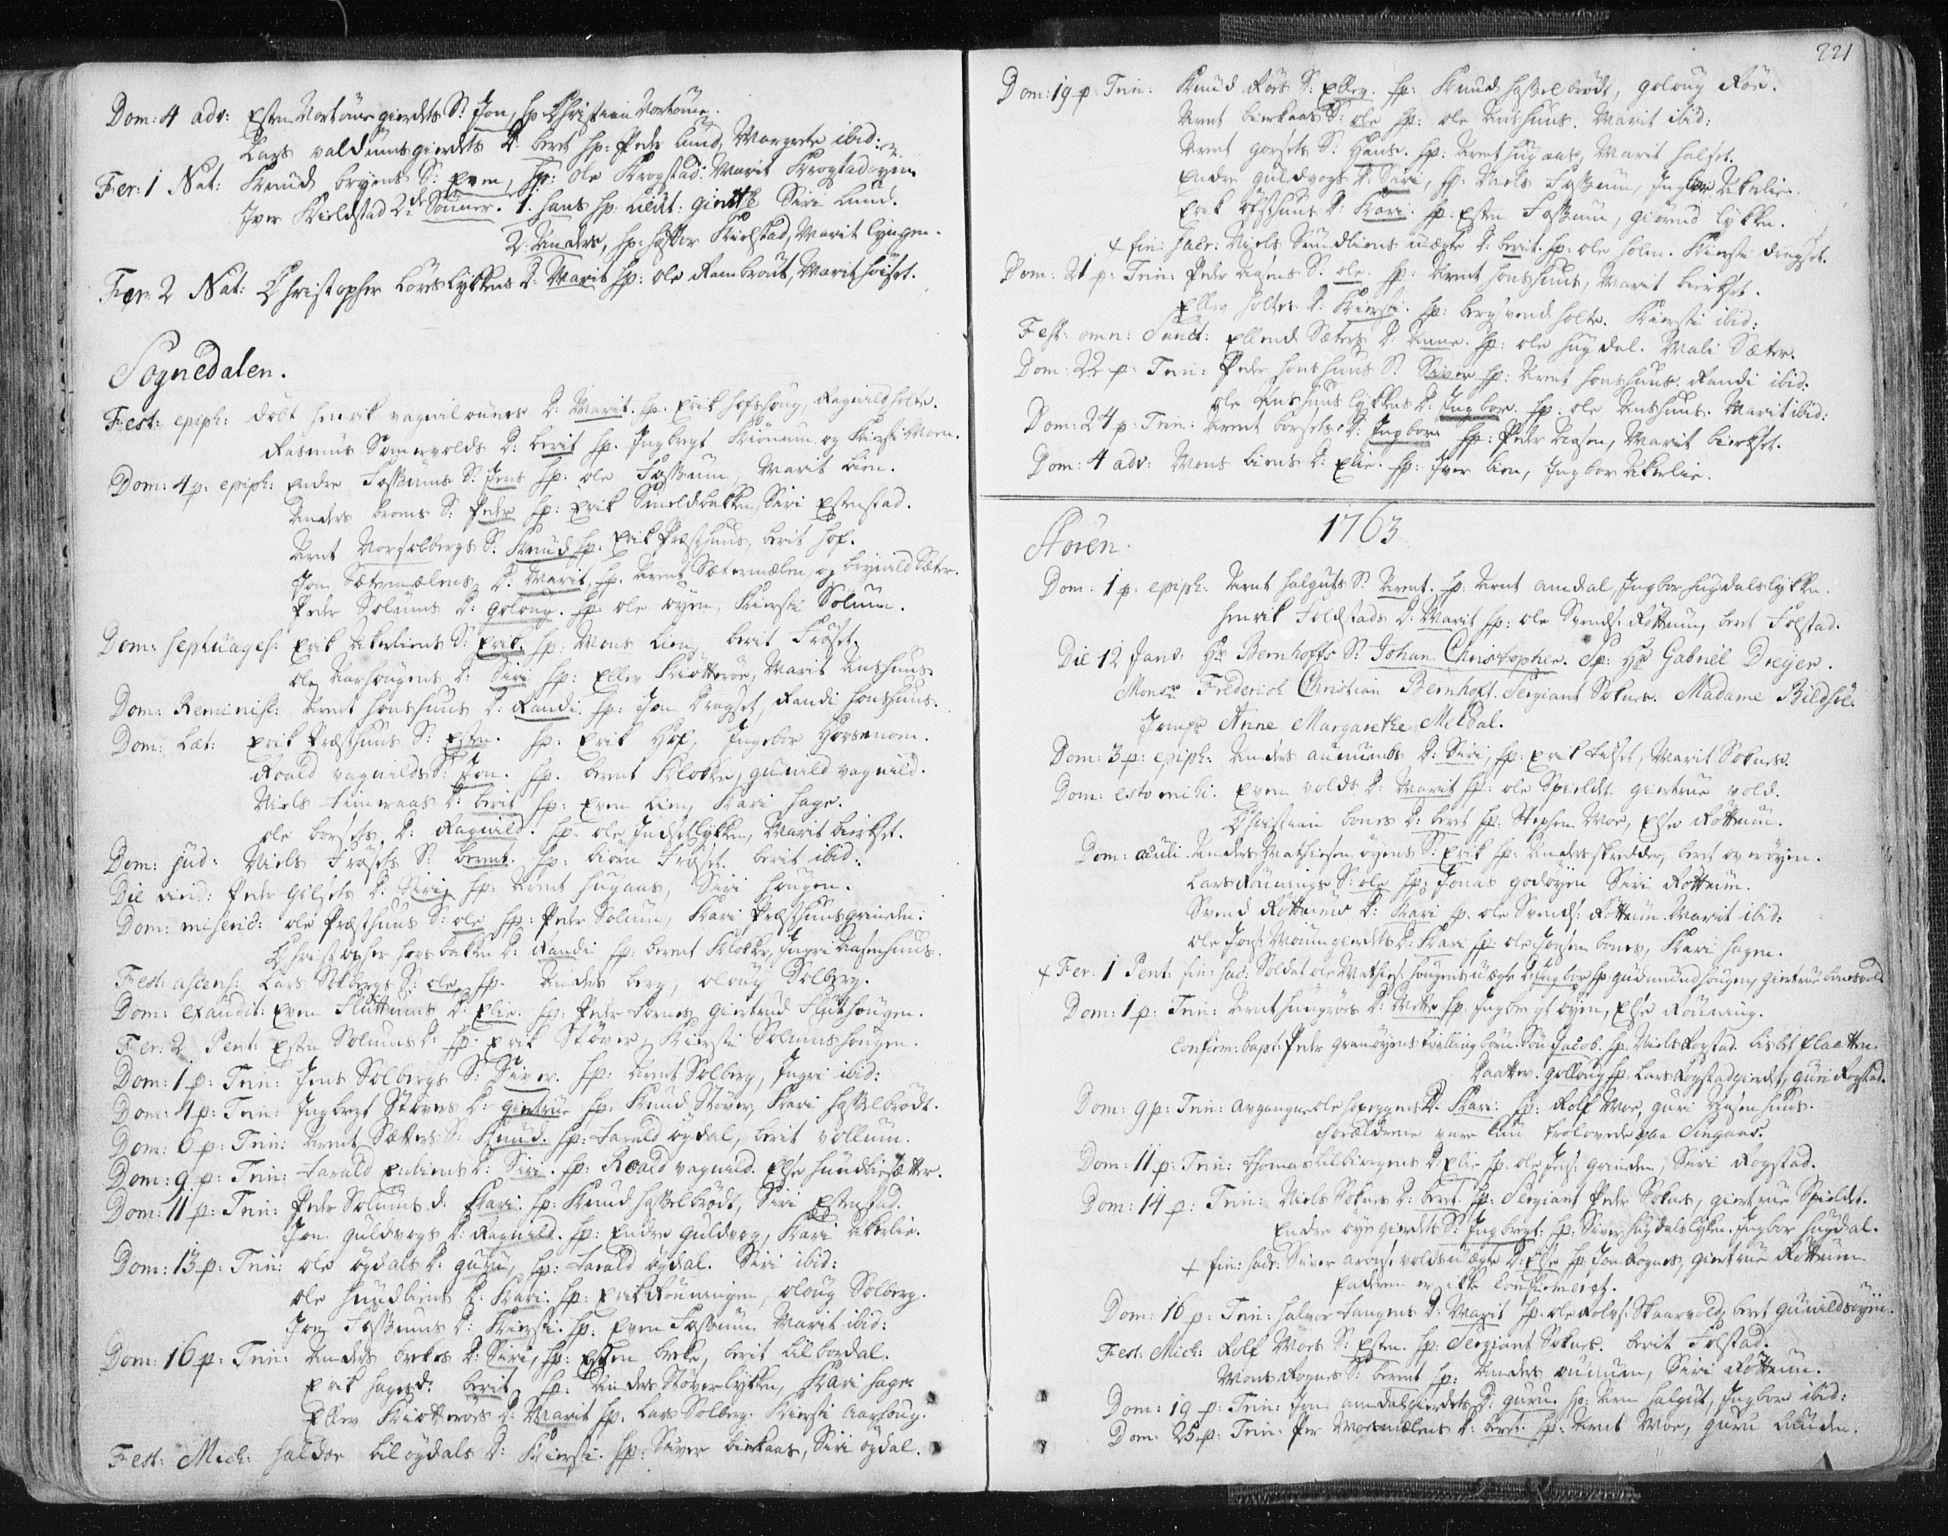 SAT, Ministerialprotokoller, klokkerbøker og fødselsregistre - Sør-Trøndelag, 687/L0991: Ministerialbok nr. 687A02, 1747-1790, s. 221